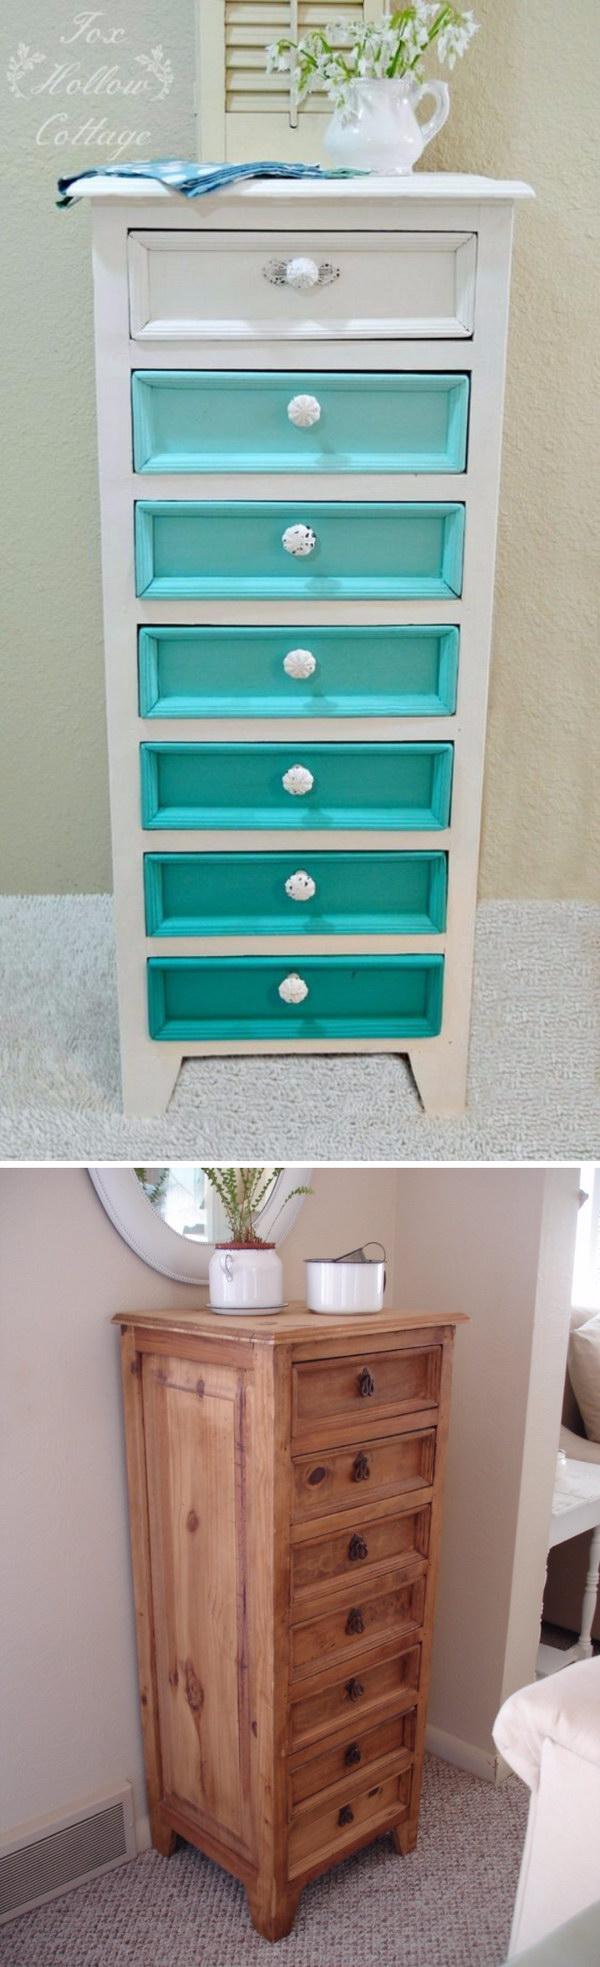 6 Aqua Ombre Painted Dresser Makeover